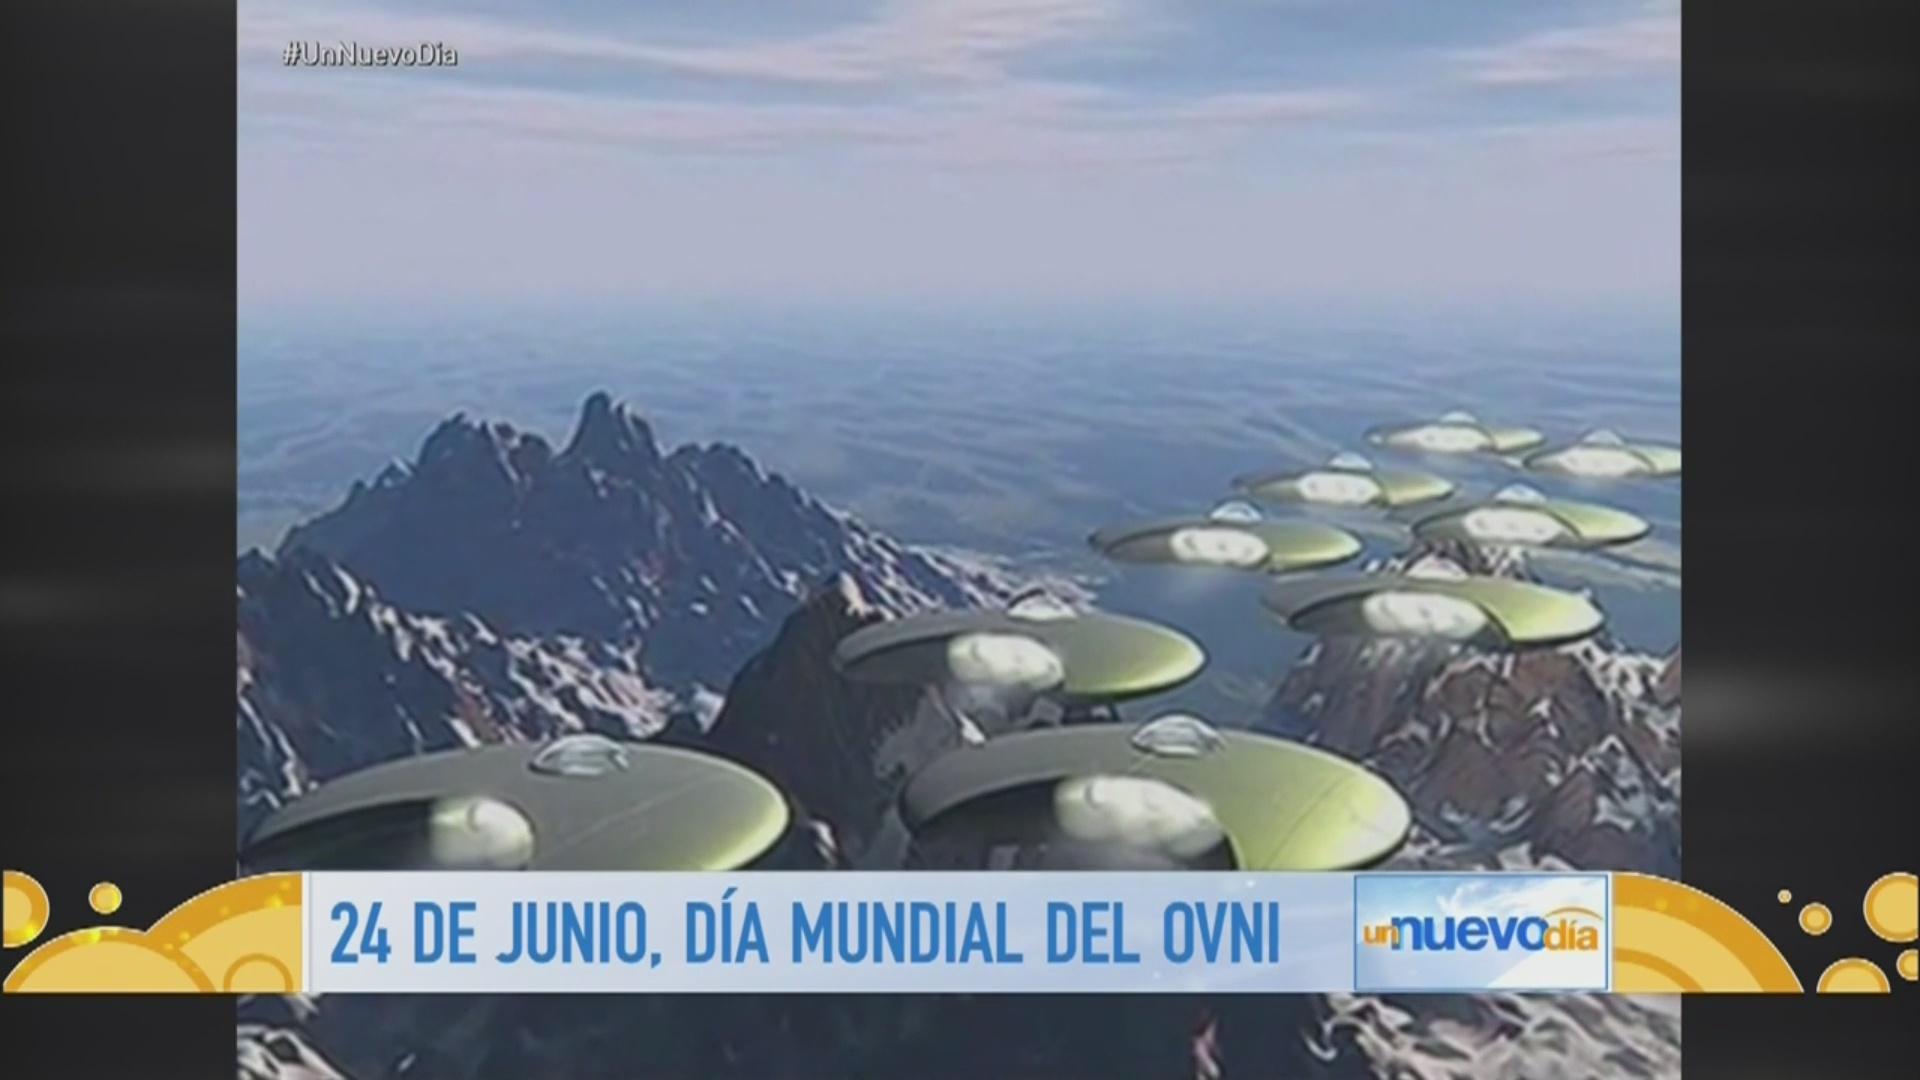 Resultado de imagen para 24 de junio DIA MUNDIAL DEL OVNI